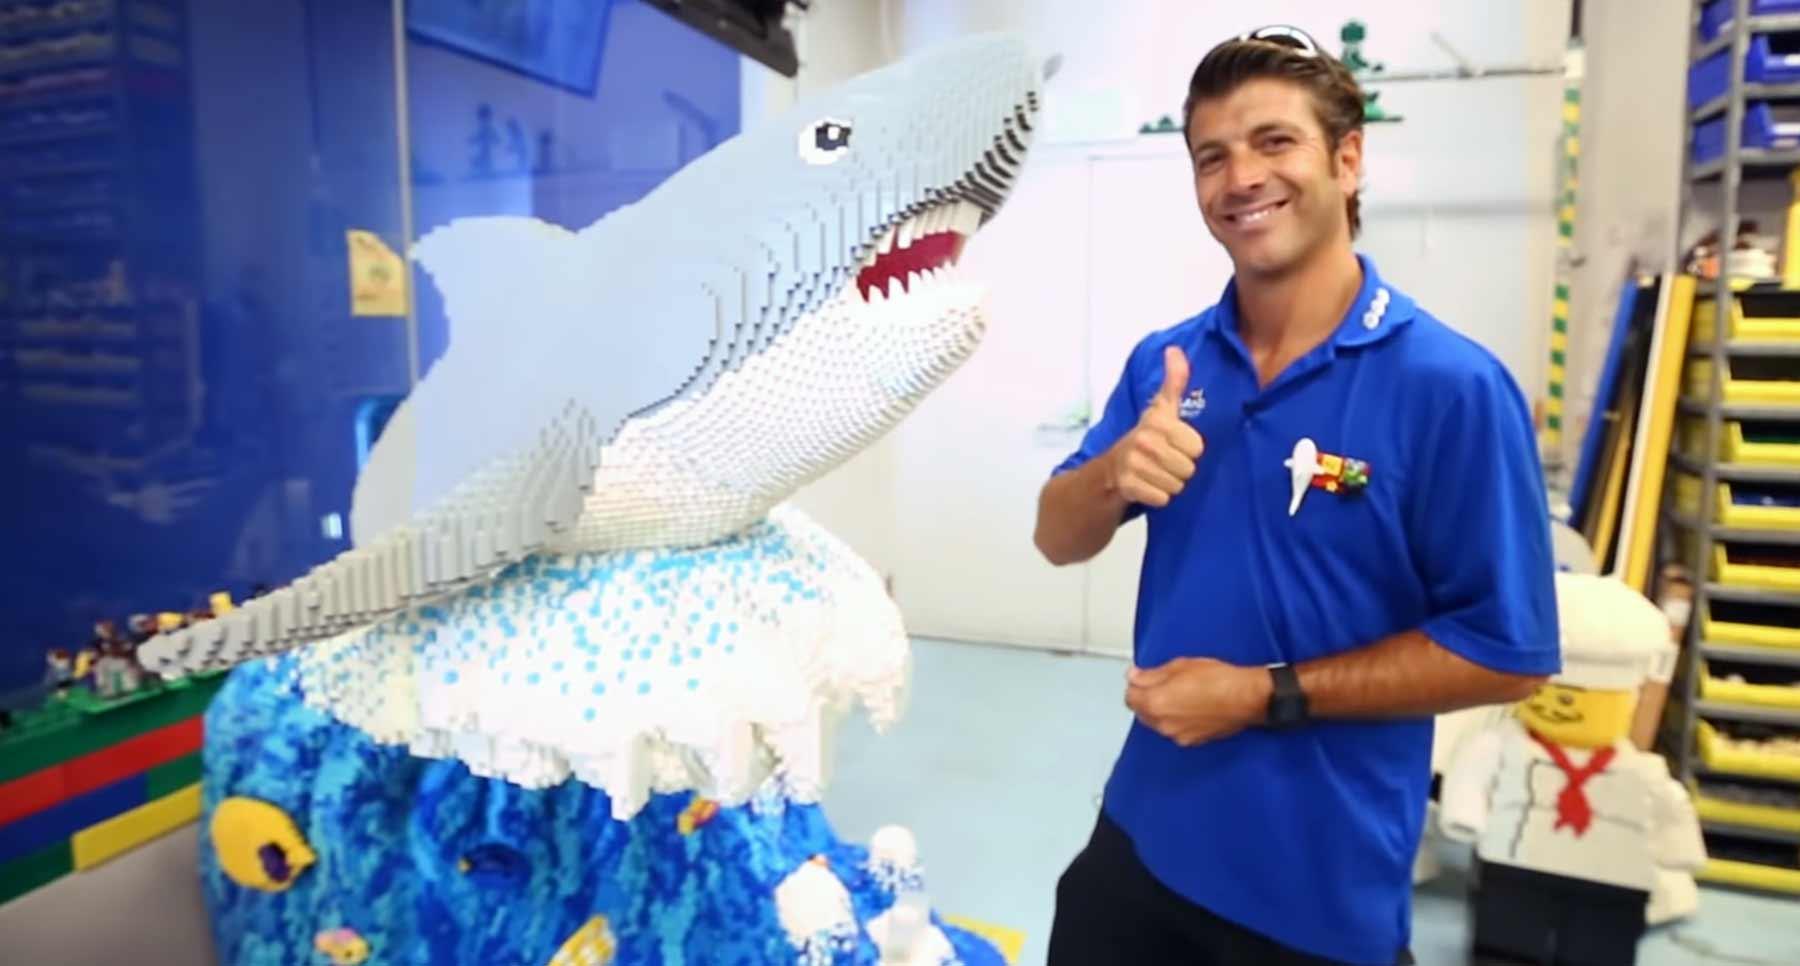 Zu Gast bei einem LEGOland-Modellbauer legoland-modellbauer